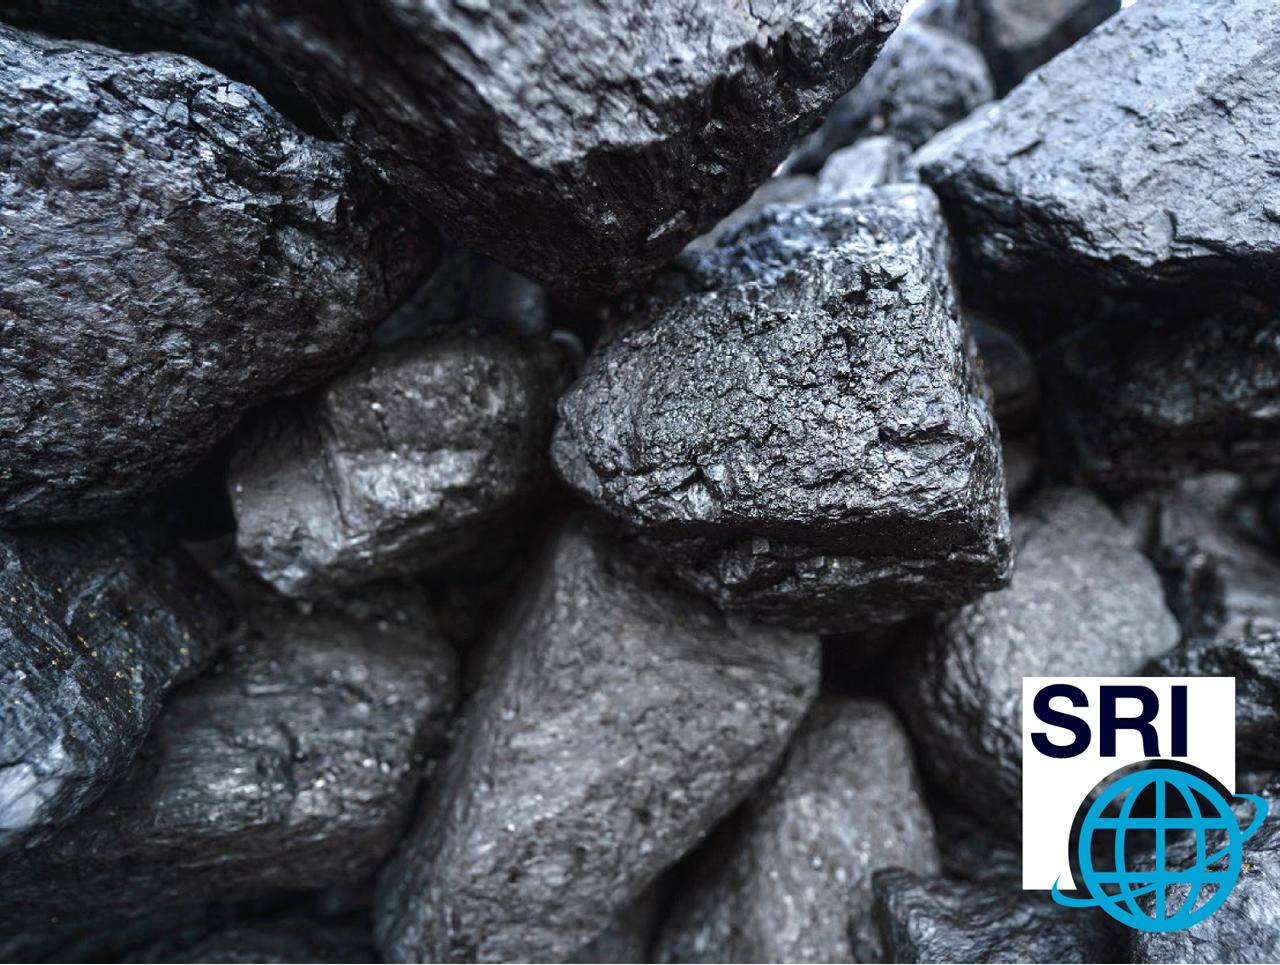 coal mining research paper Dangers of coal mining essays: over 180,000 dangers of coal mining essays, dangers of coal mining term papers, dangers of coal mining research paper, book reports.